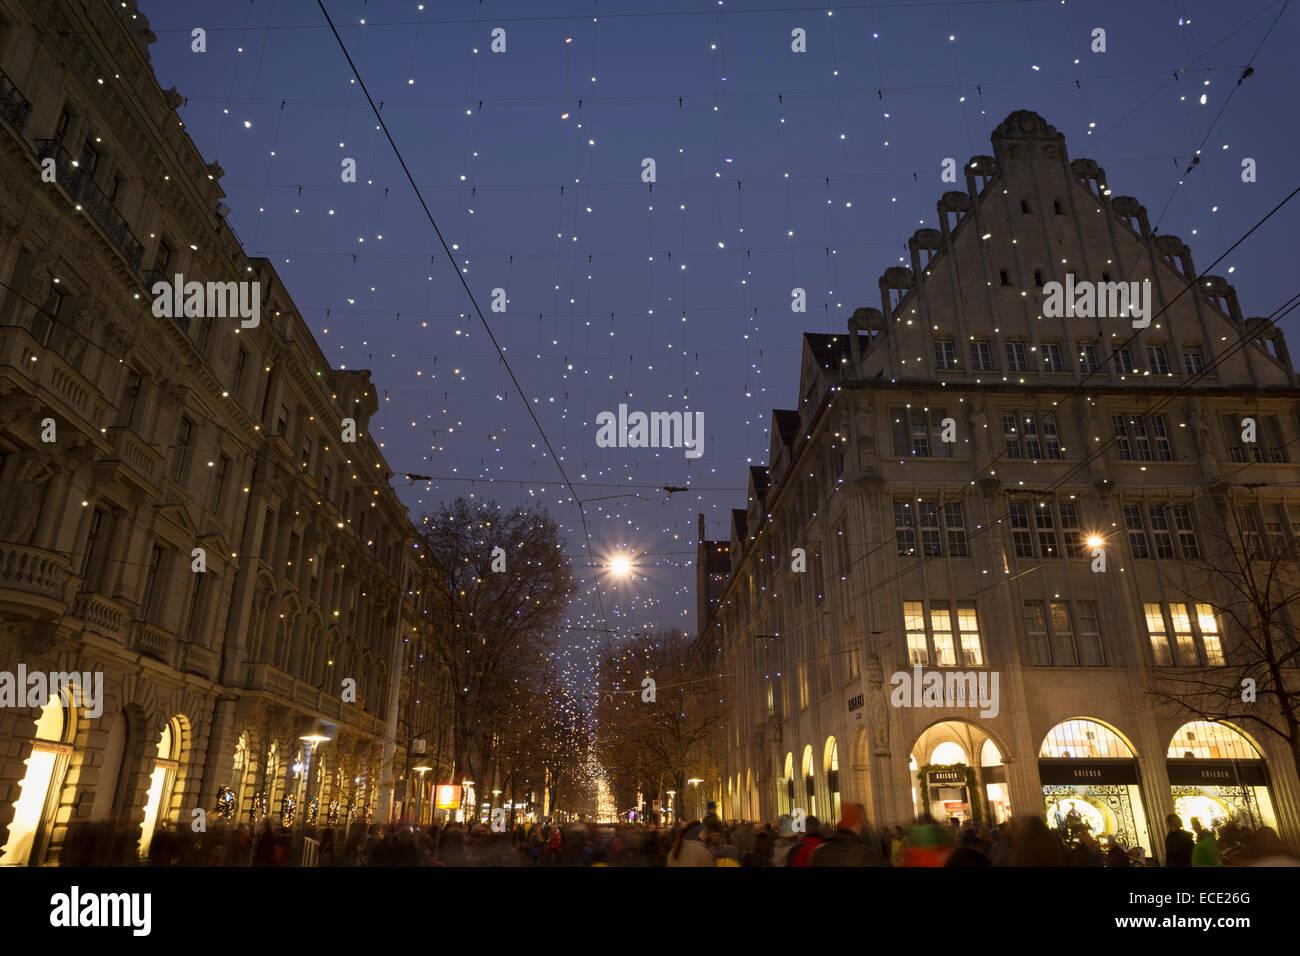 zurich christmas illumination bahnhofstrasse stockfotos zurich christmas illumination. Black Bedroom Furniture Sets. Home Design Ideas